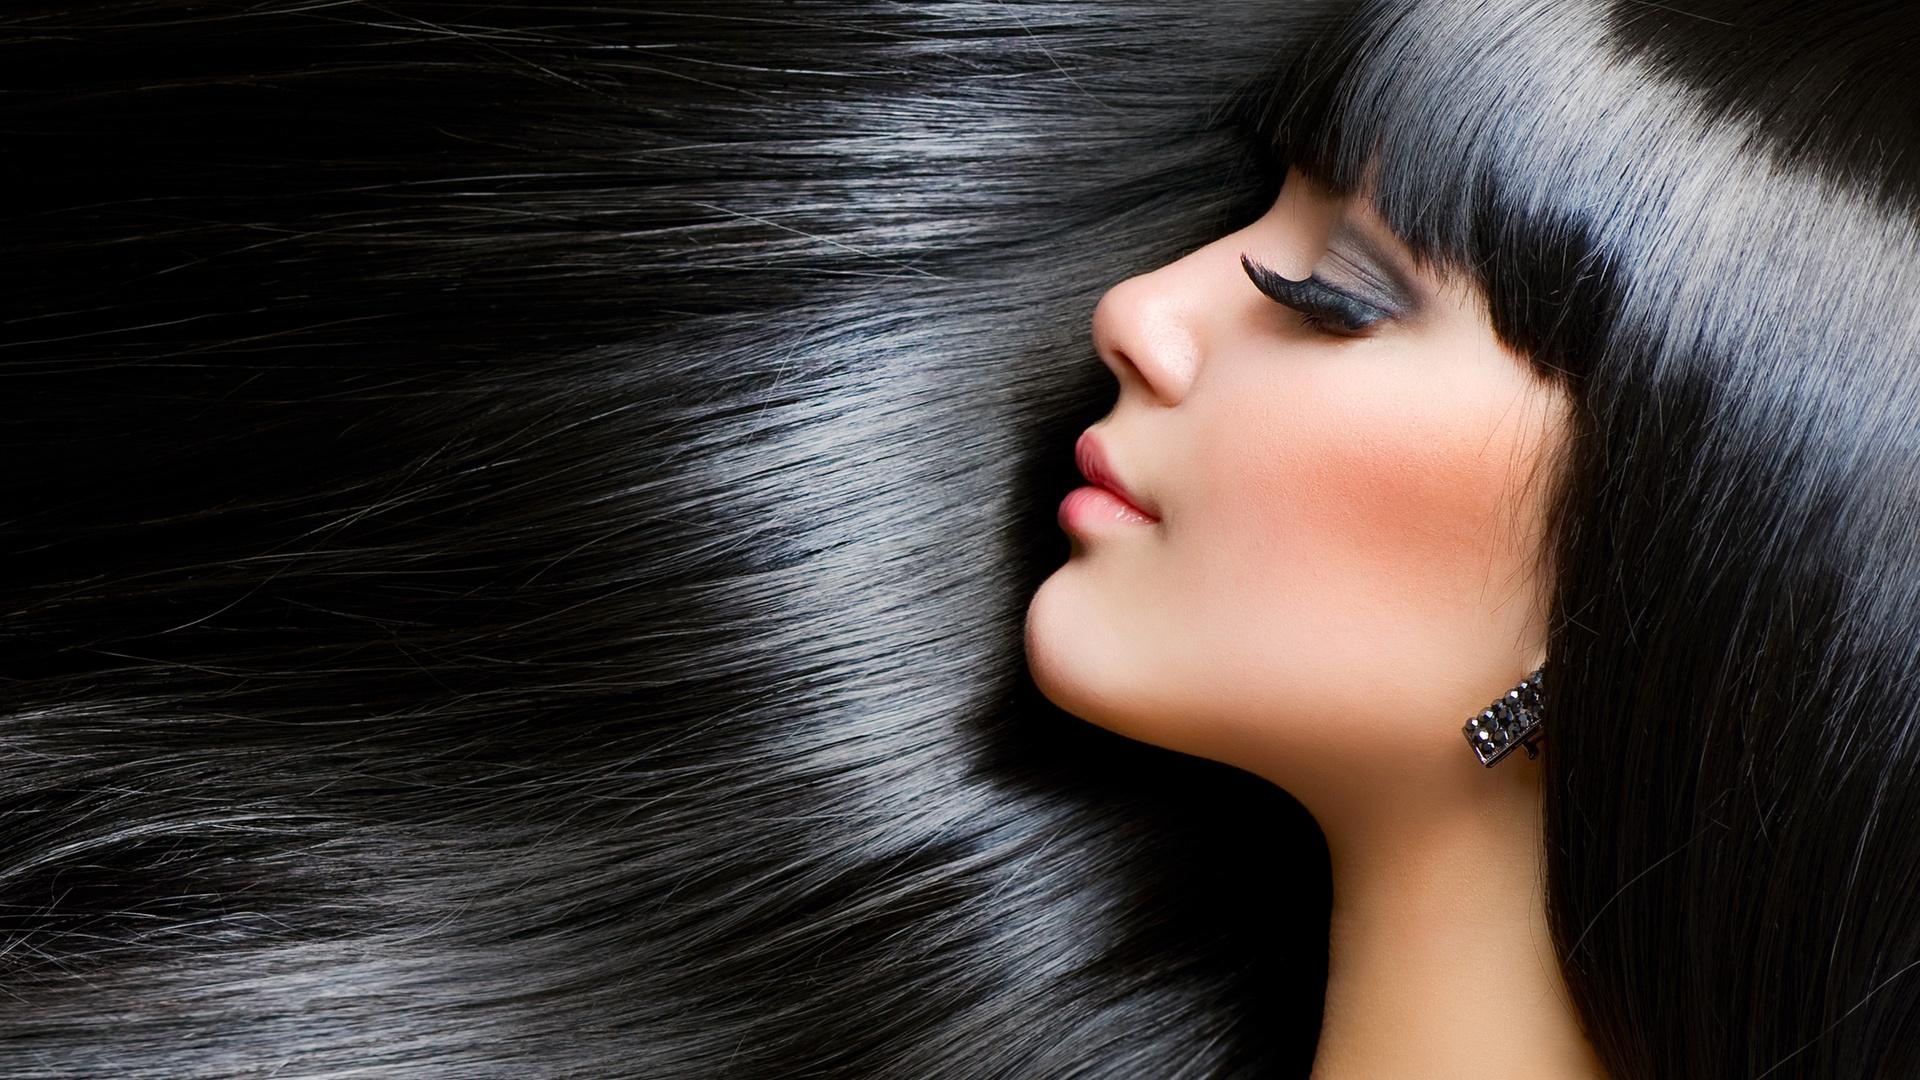 Фото красивых девушек с длинными волосами 27 фотография